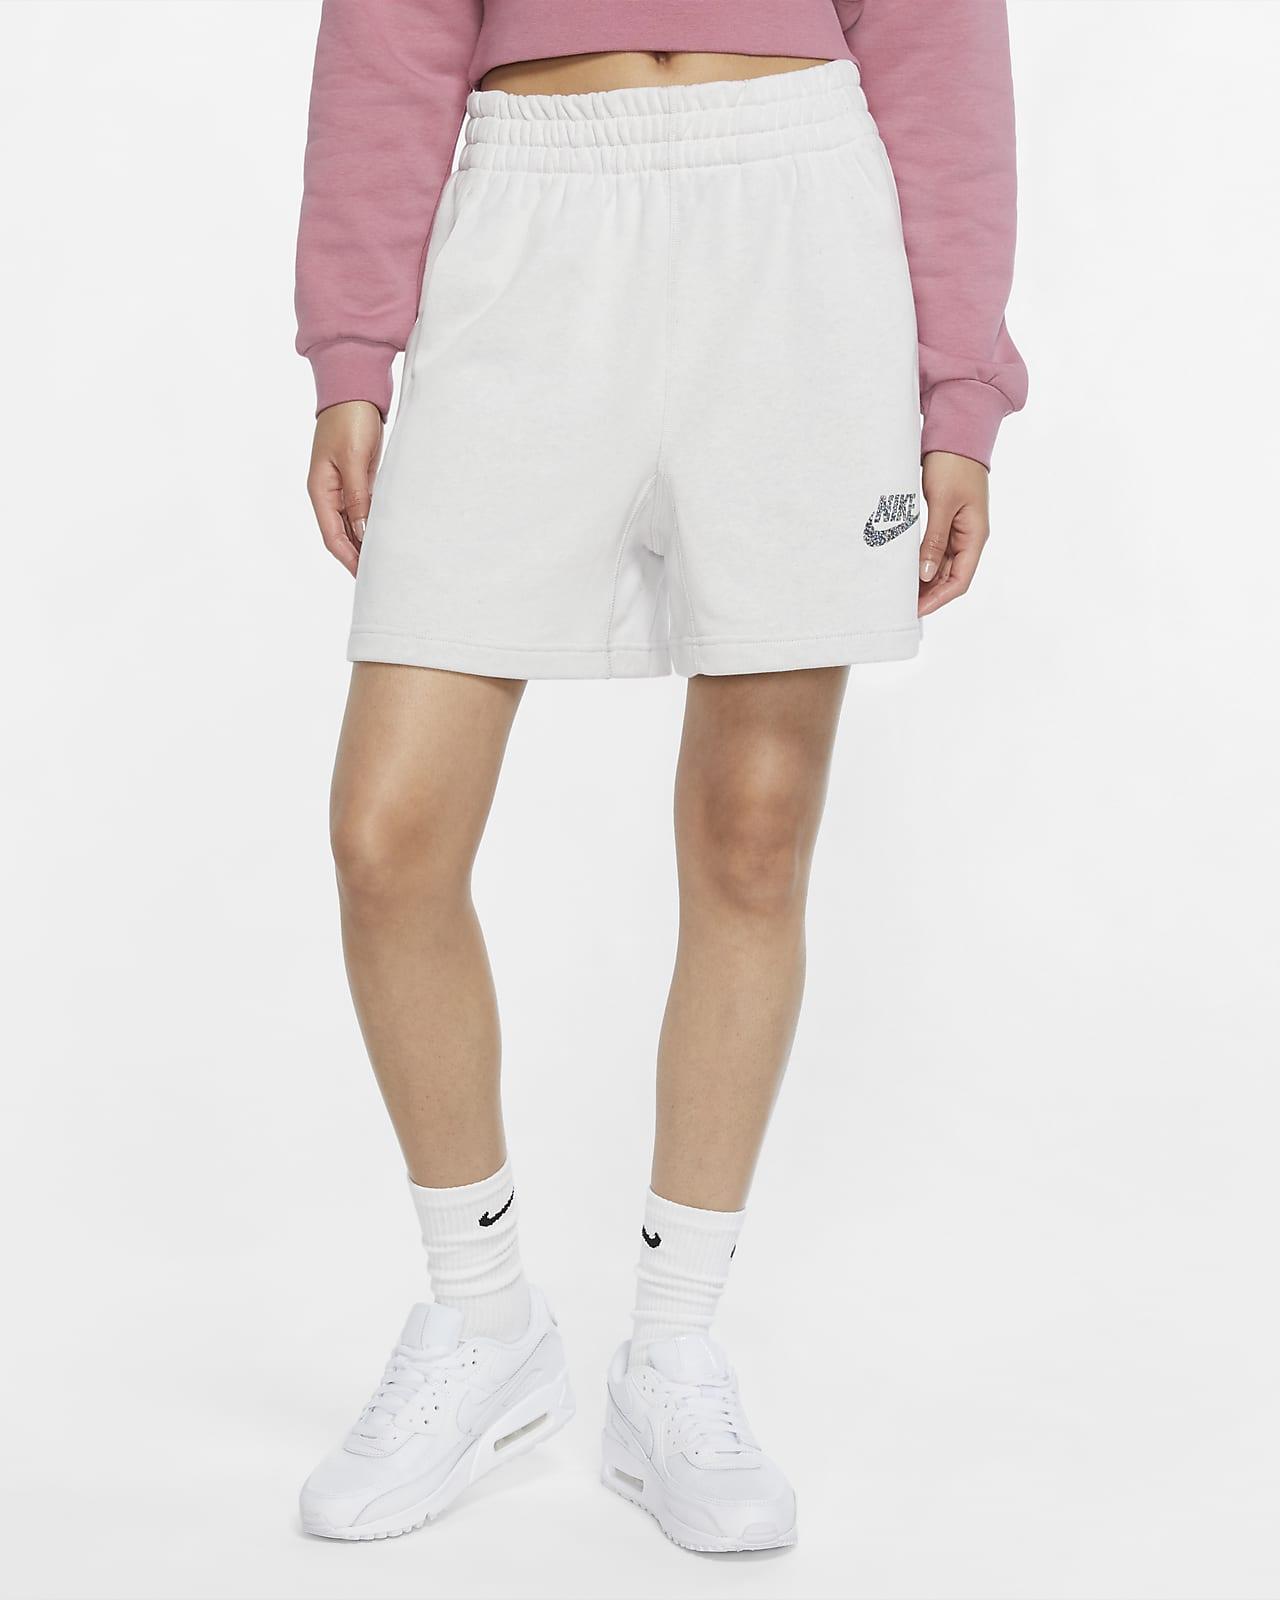 กางเกงขาสั้นผู้หญิง Nike Sportswear